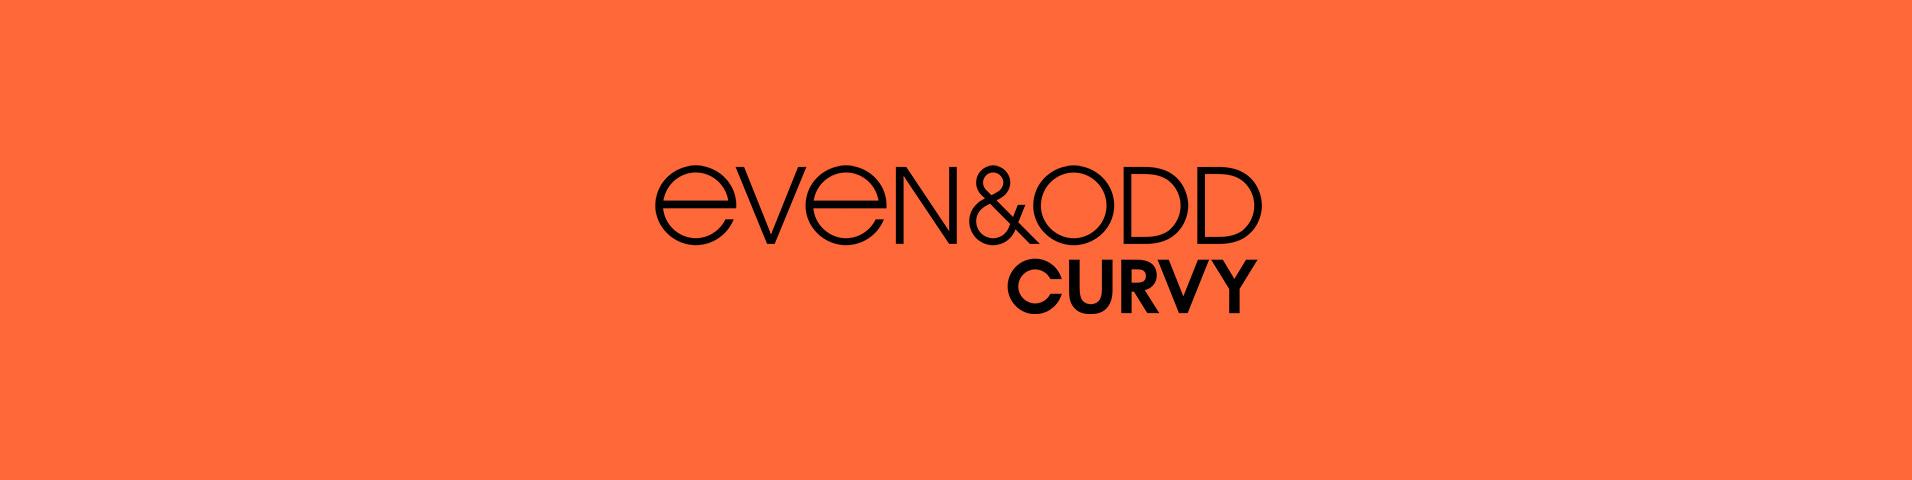 Even&Odd Curvy Mäntel für Damen versandkostenfrei kaufen